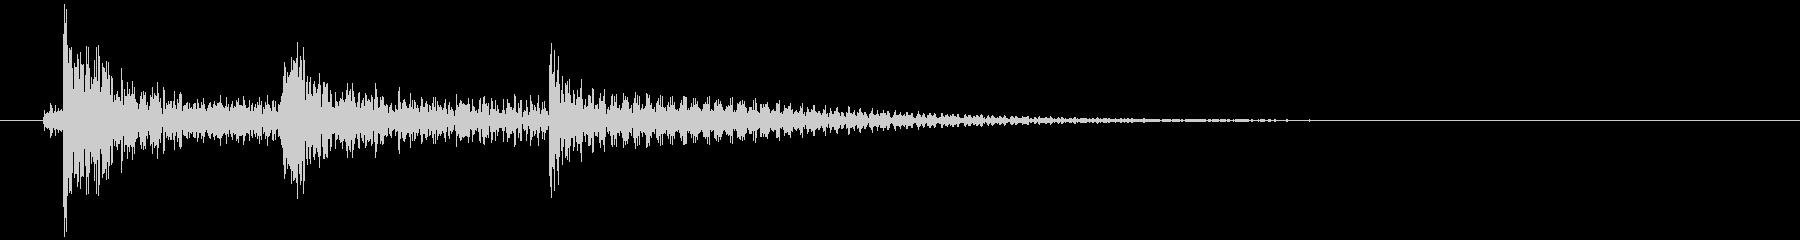 沖縄風エラー音2の未再生の波形